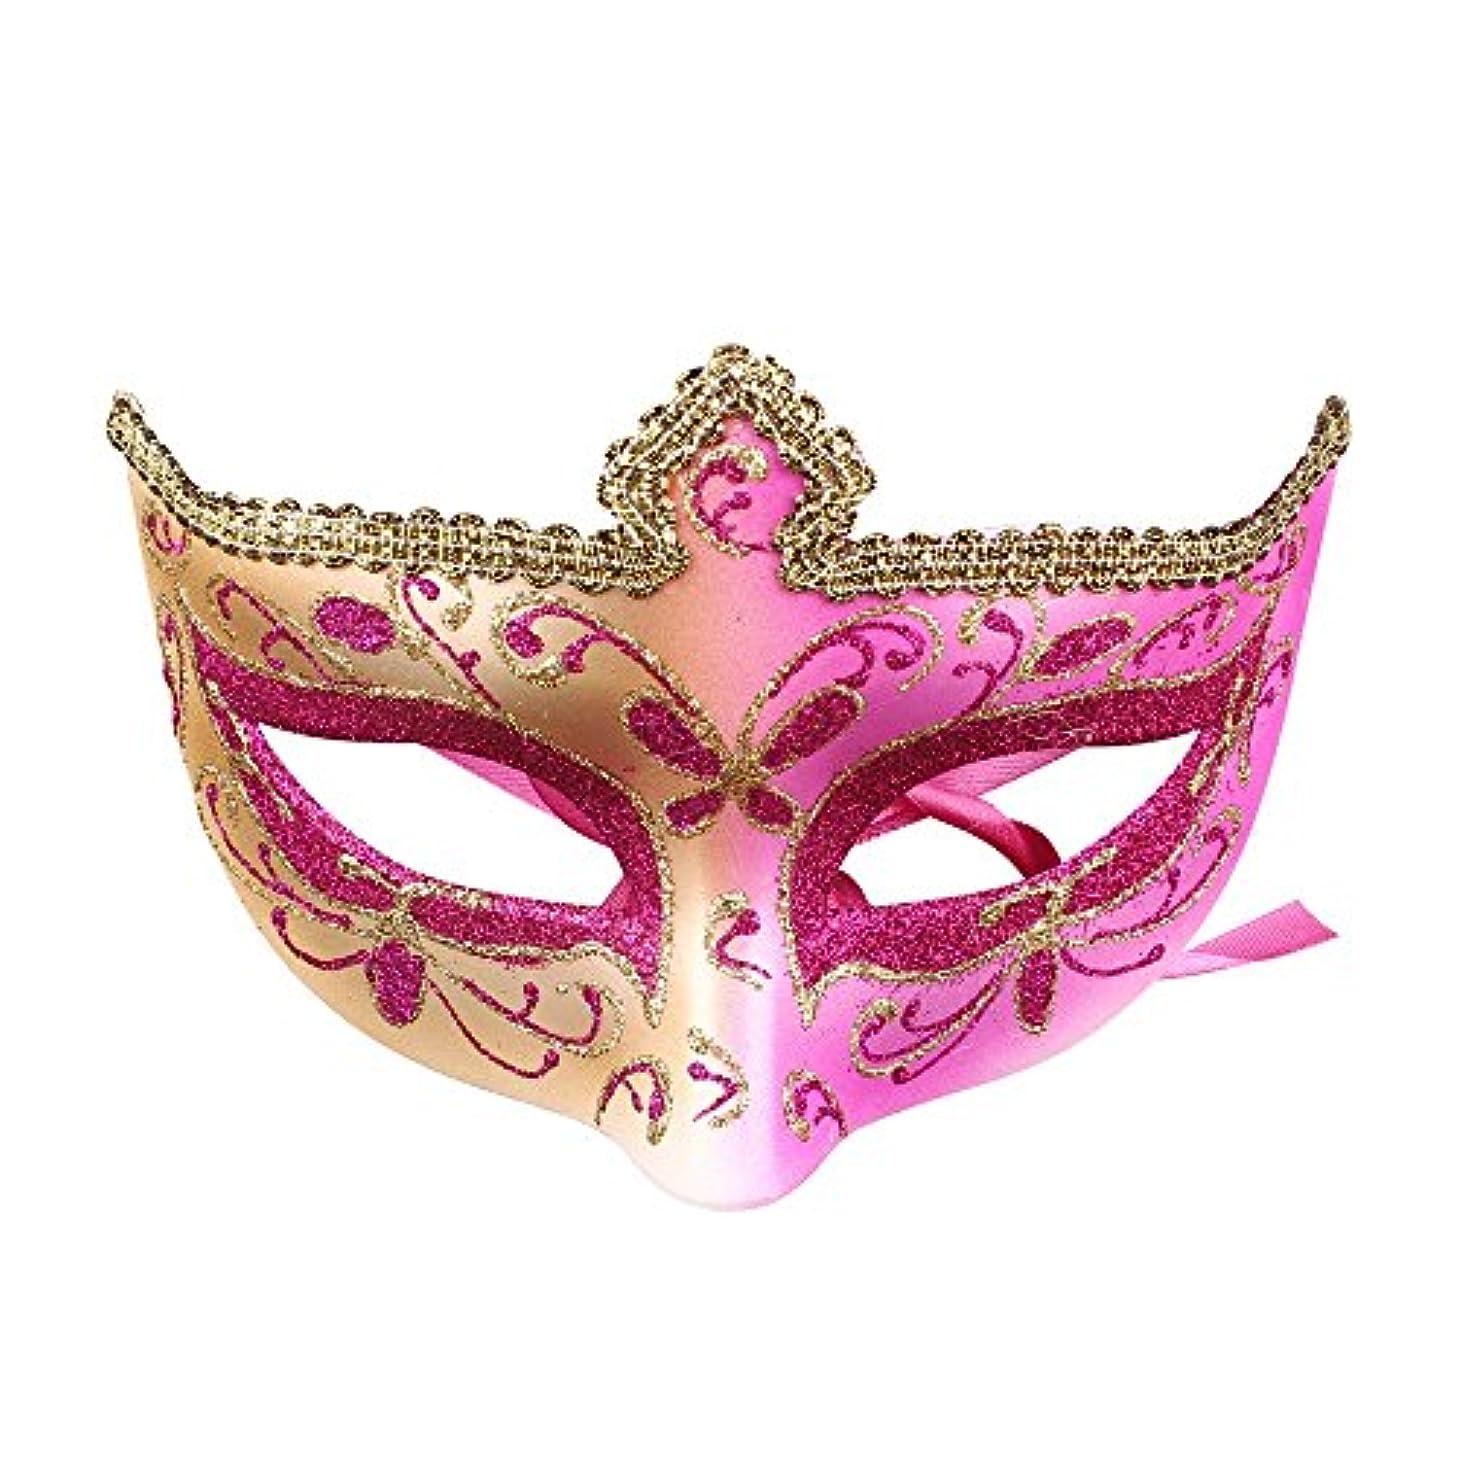 暗殺者汚物教授クリエイティブ仮面舞??踏会レースマスク美容ハーフフェイス女性身に着けているマスクハロウィーン祭りパーティー用品 (Color : PINK)